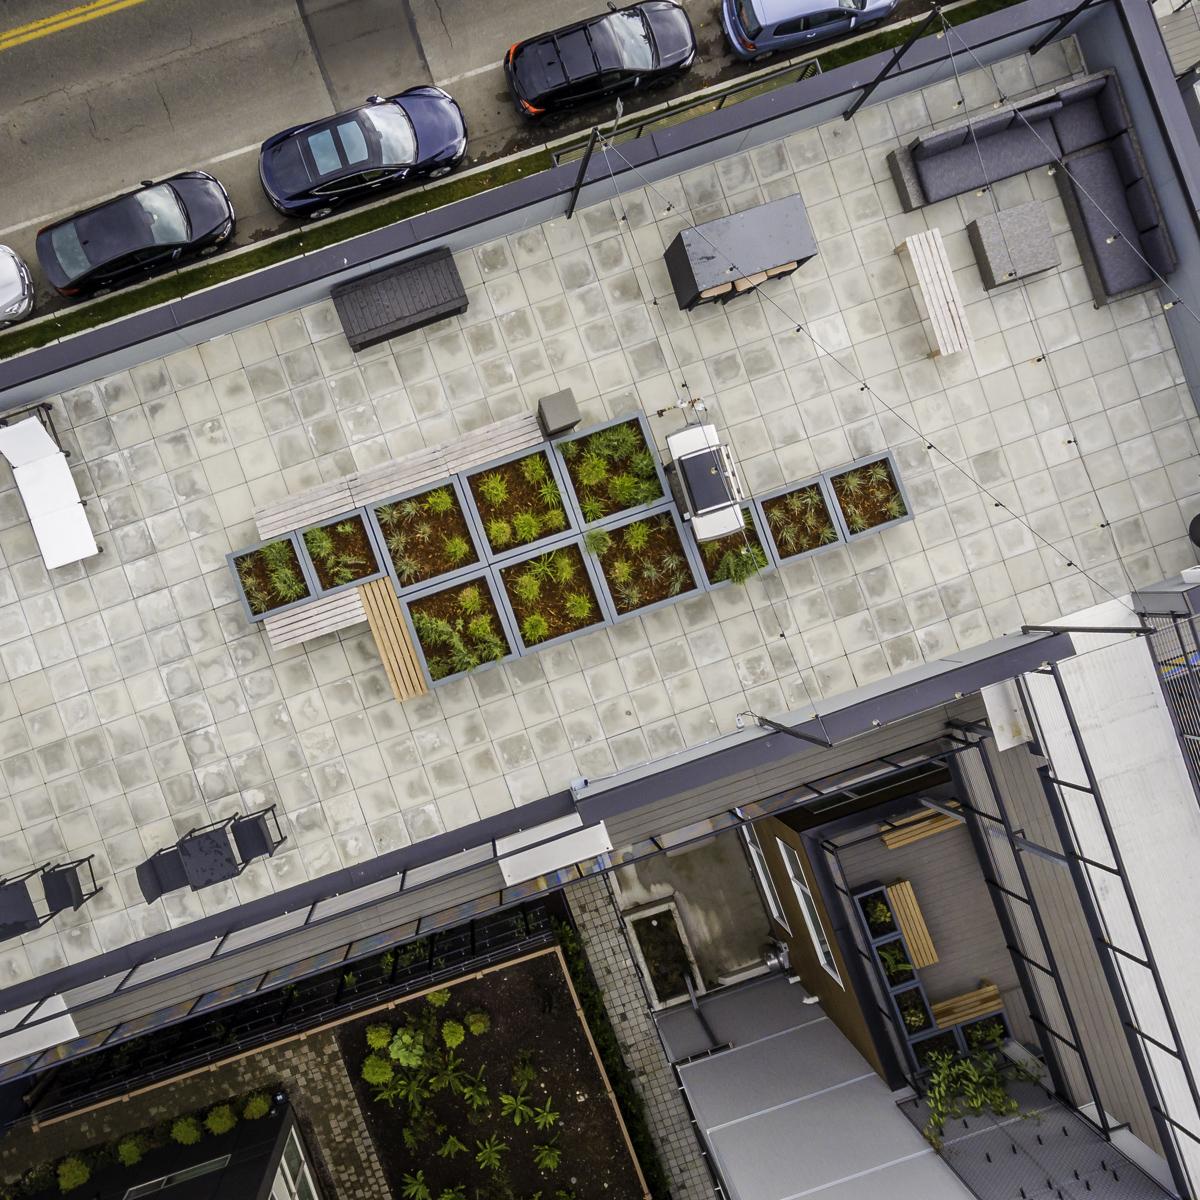 porchlight_droneblog-2.jpg